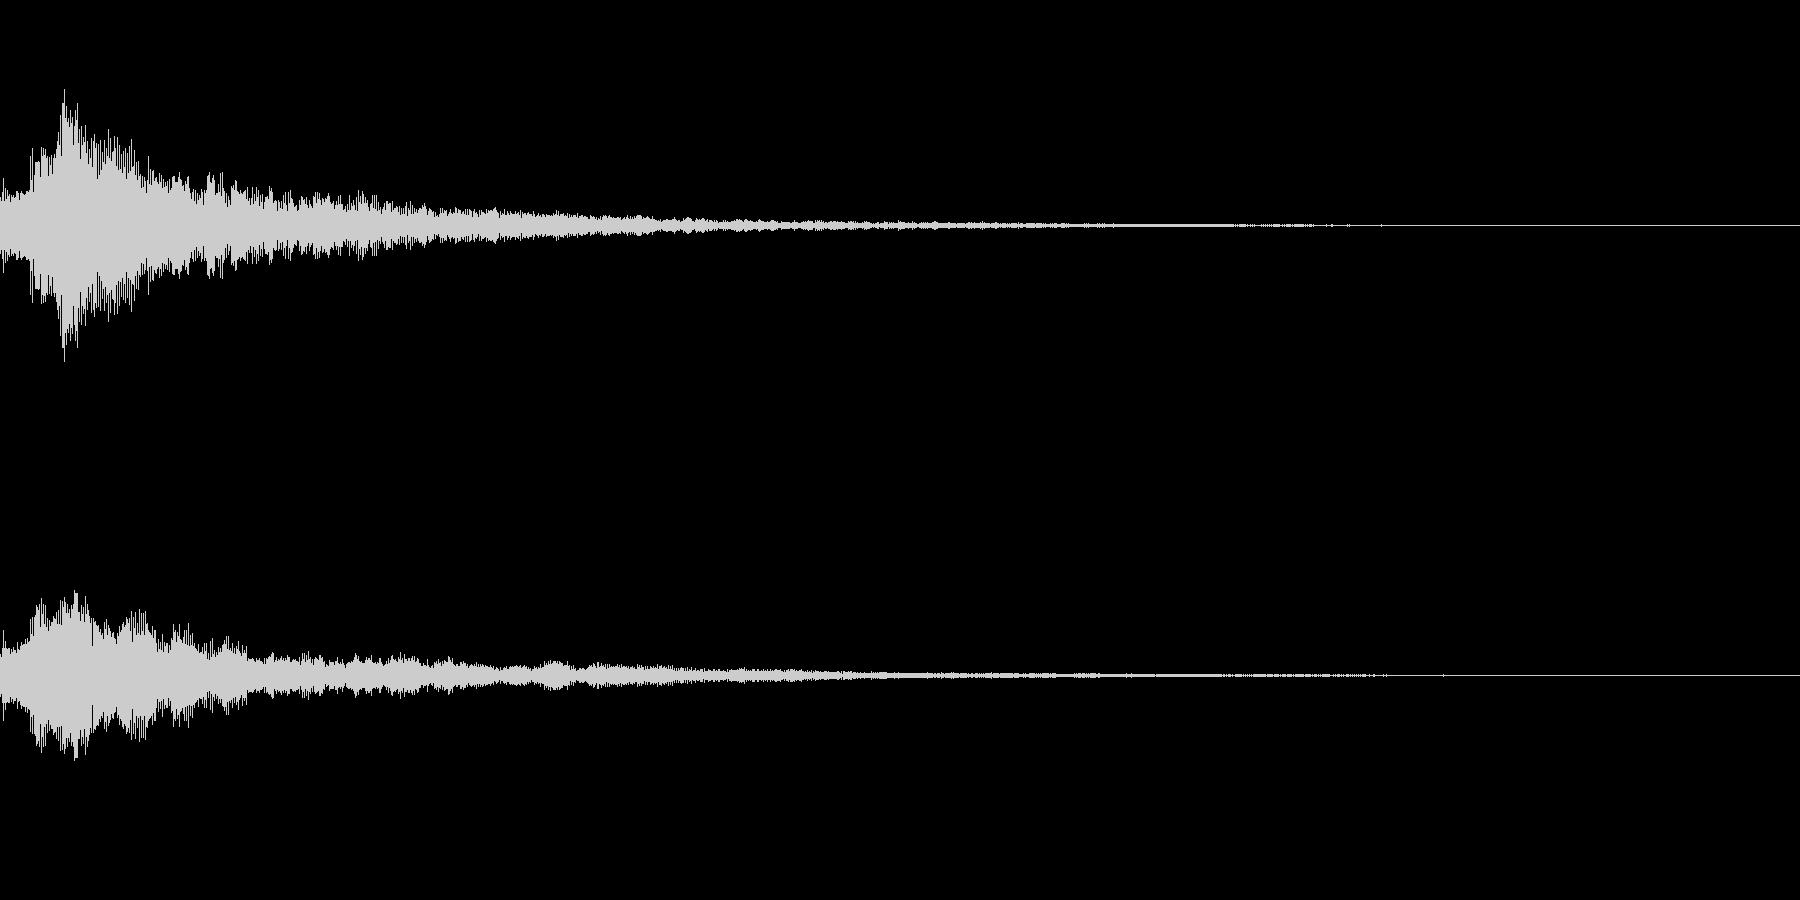 しゃらん♪ (連鎖02)の未再生の波形